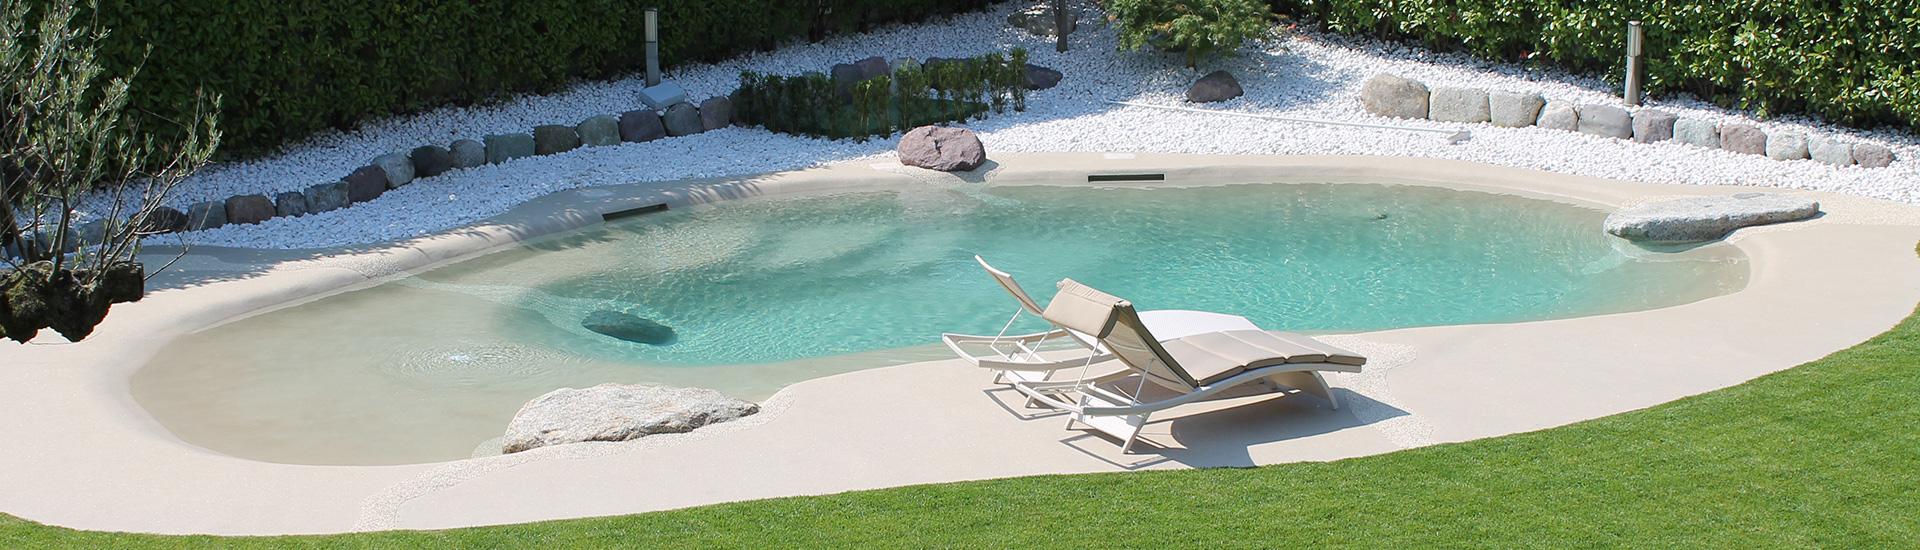 Realizzazione piscina naturale